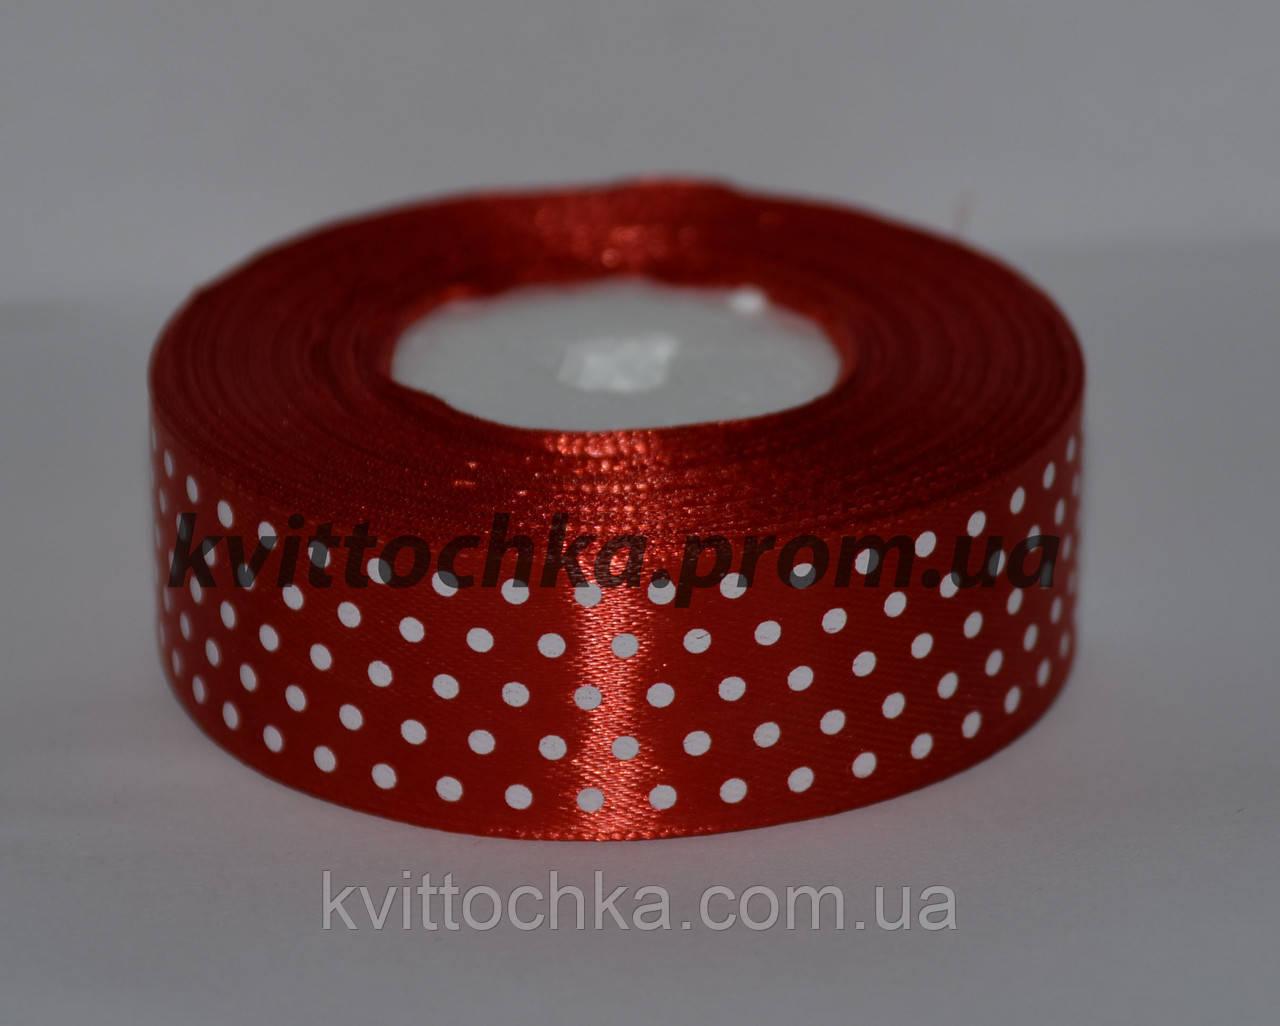 Атласная лента в горошек 2,5 см (23 м), цвет - красный